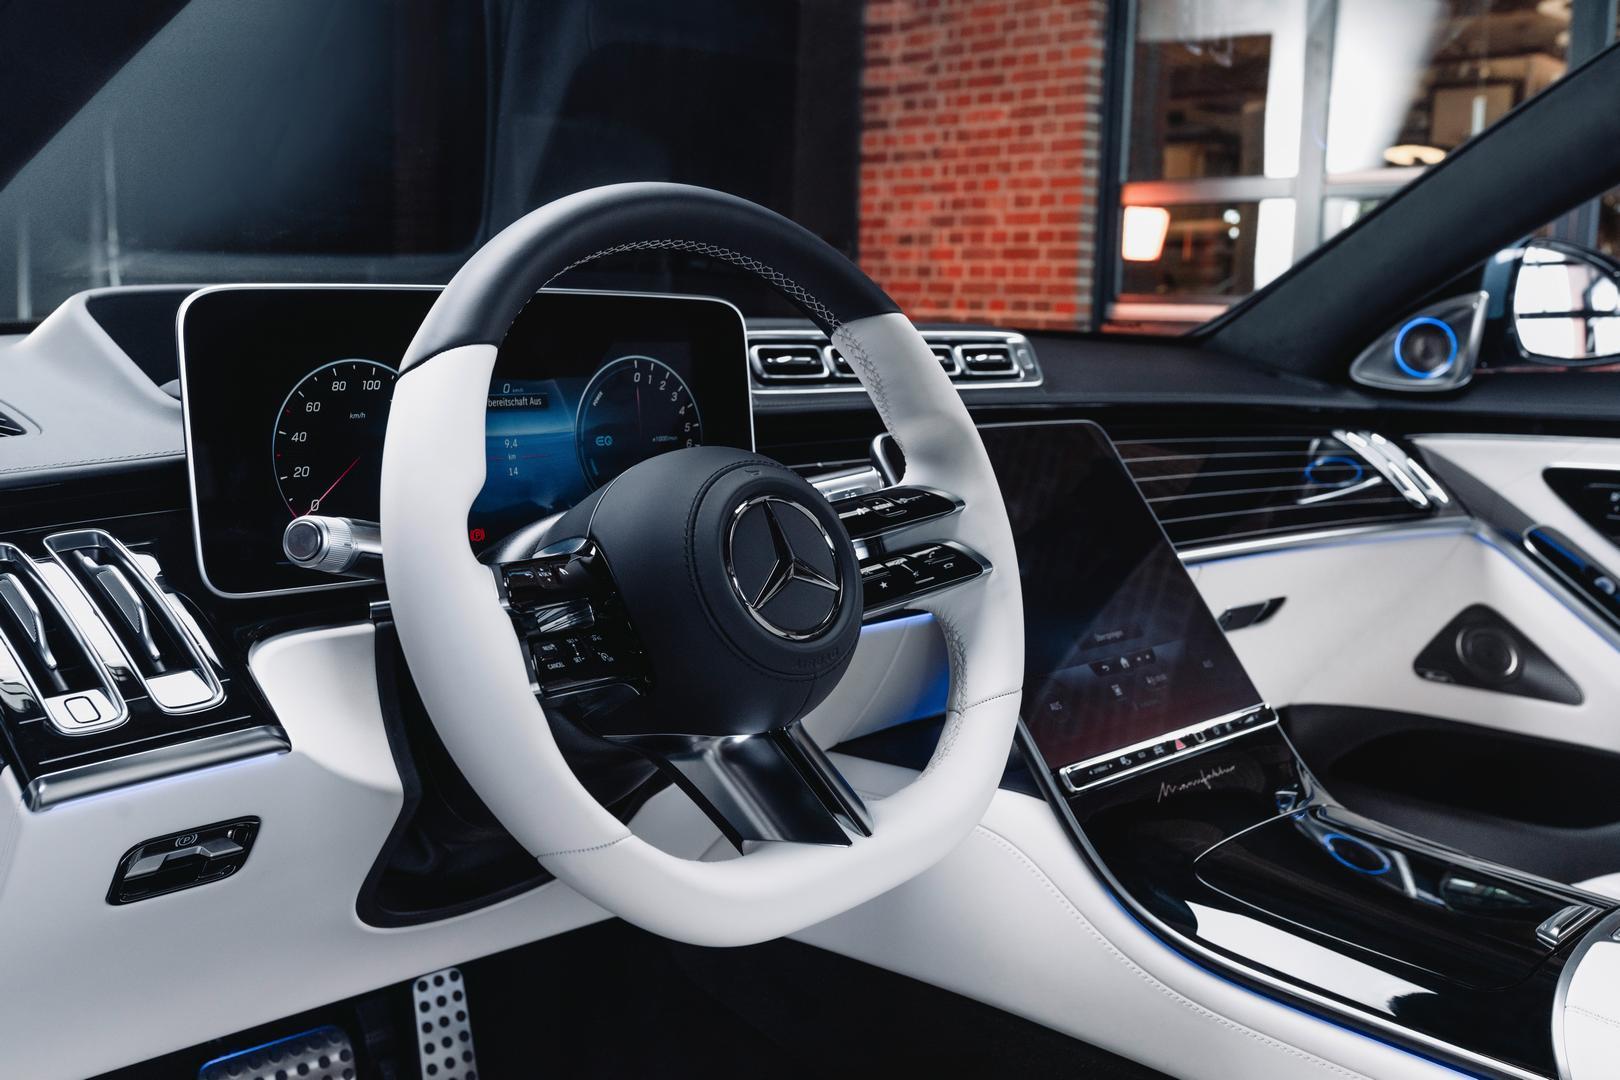 2022 Mercedes-Benz S580 steering wheel